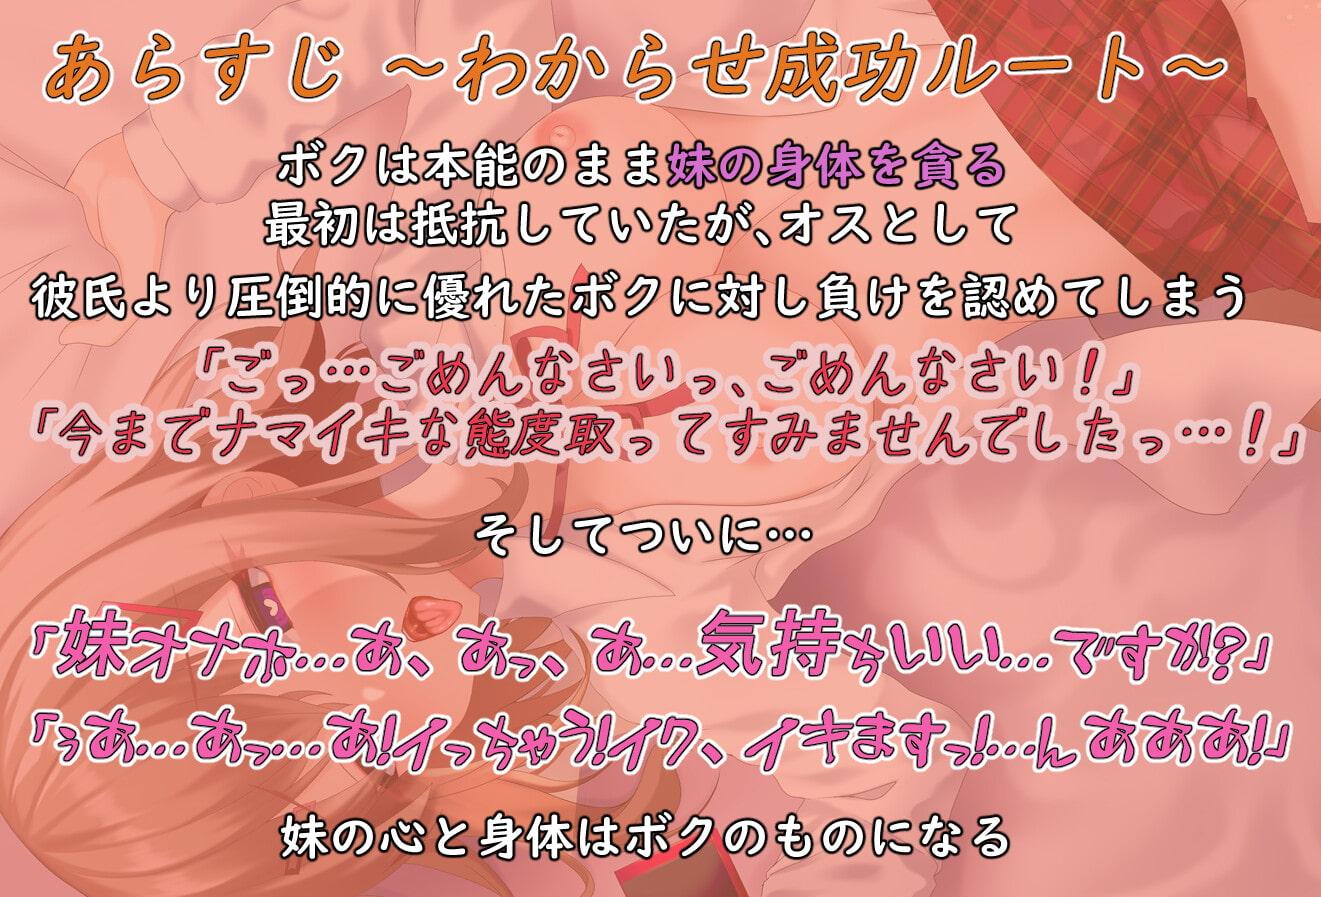 【期間限定 110円】ナマイキな妹を生ハメえっちでわからせる [だめニンゲン]